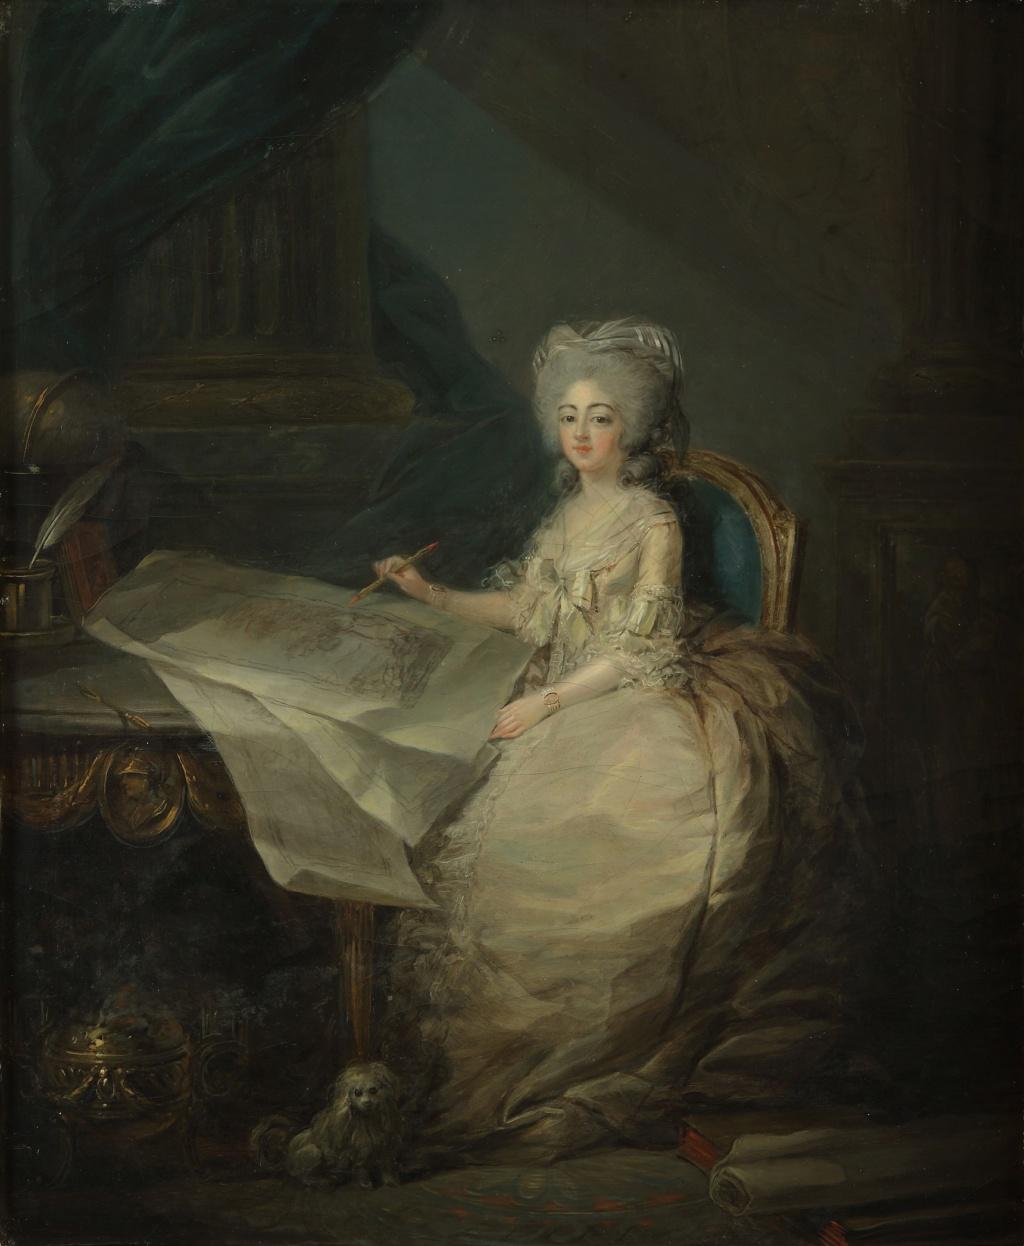 Portraits de Marie-Antoinette et de la famille royale par Charles Le Clercq ou Leclerq - Page 4 Lecler10